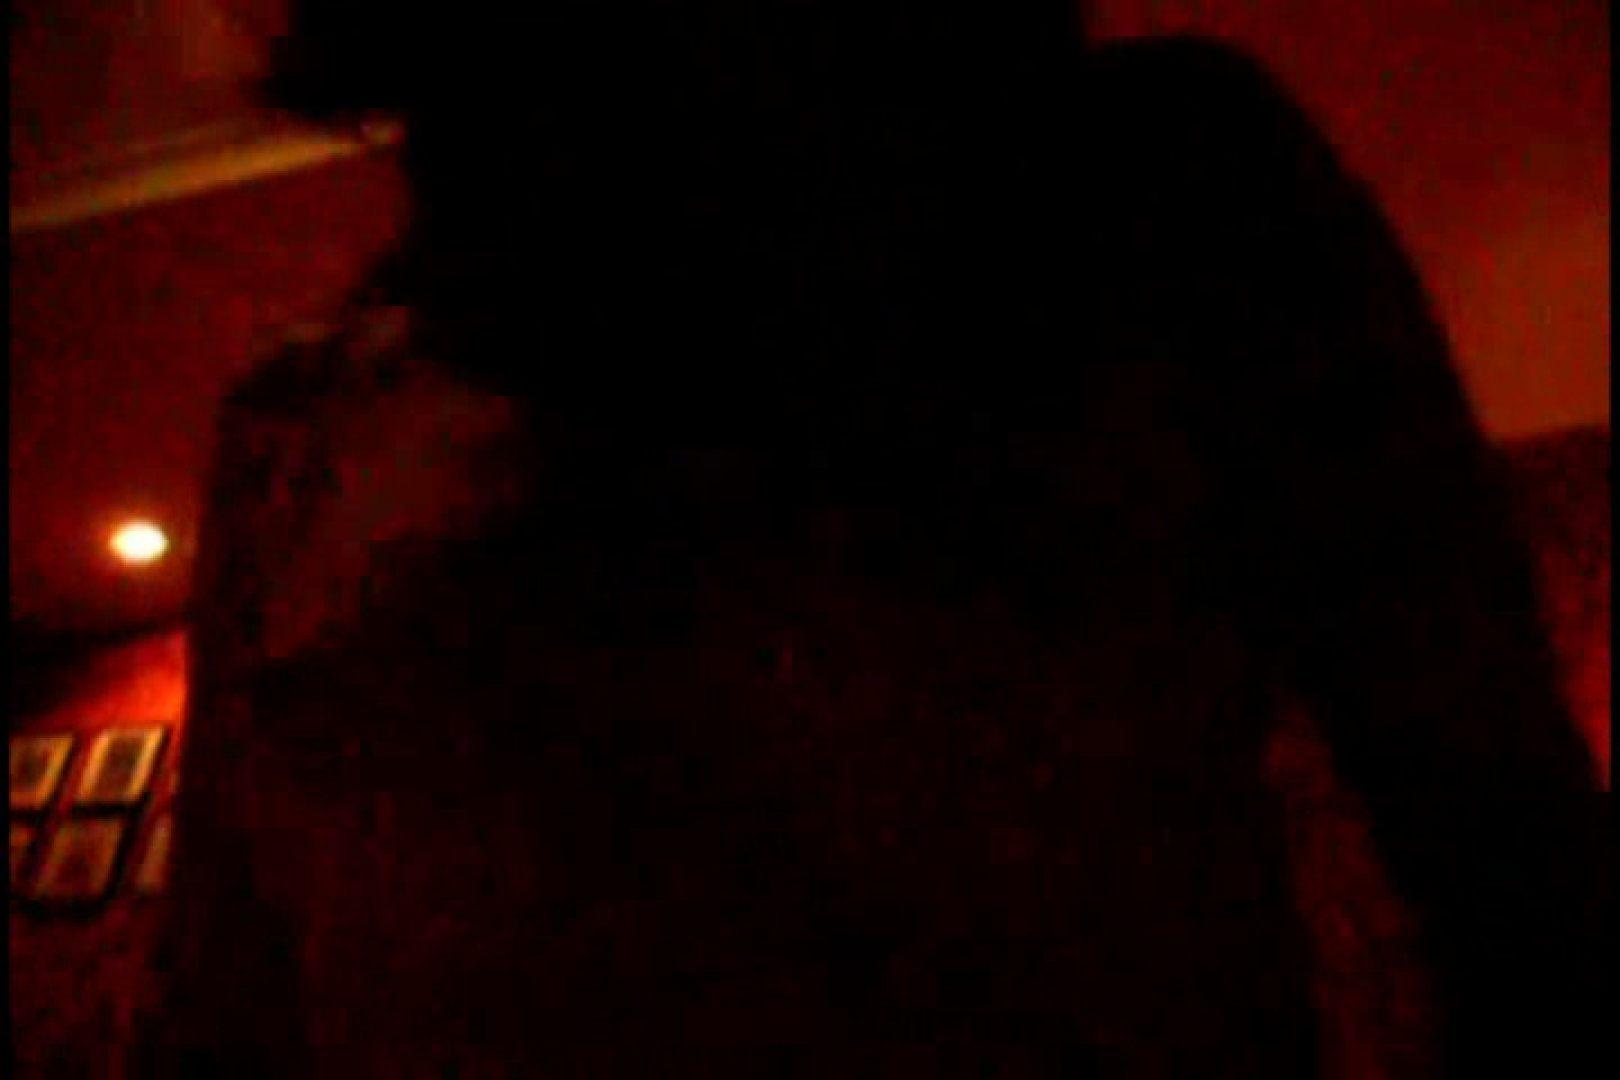 某掲示板に投稿された素人女性たちVOL.9 ホテル  85連発 29